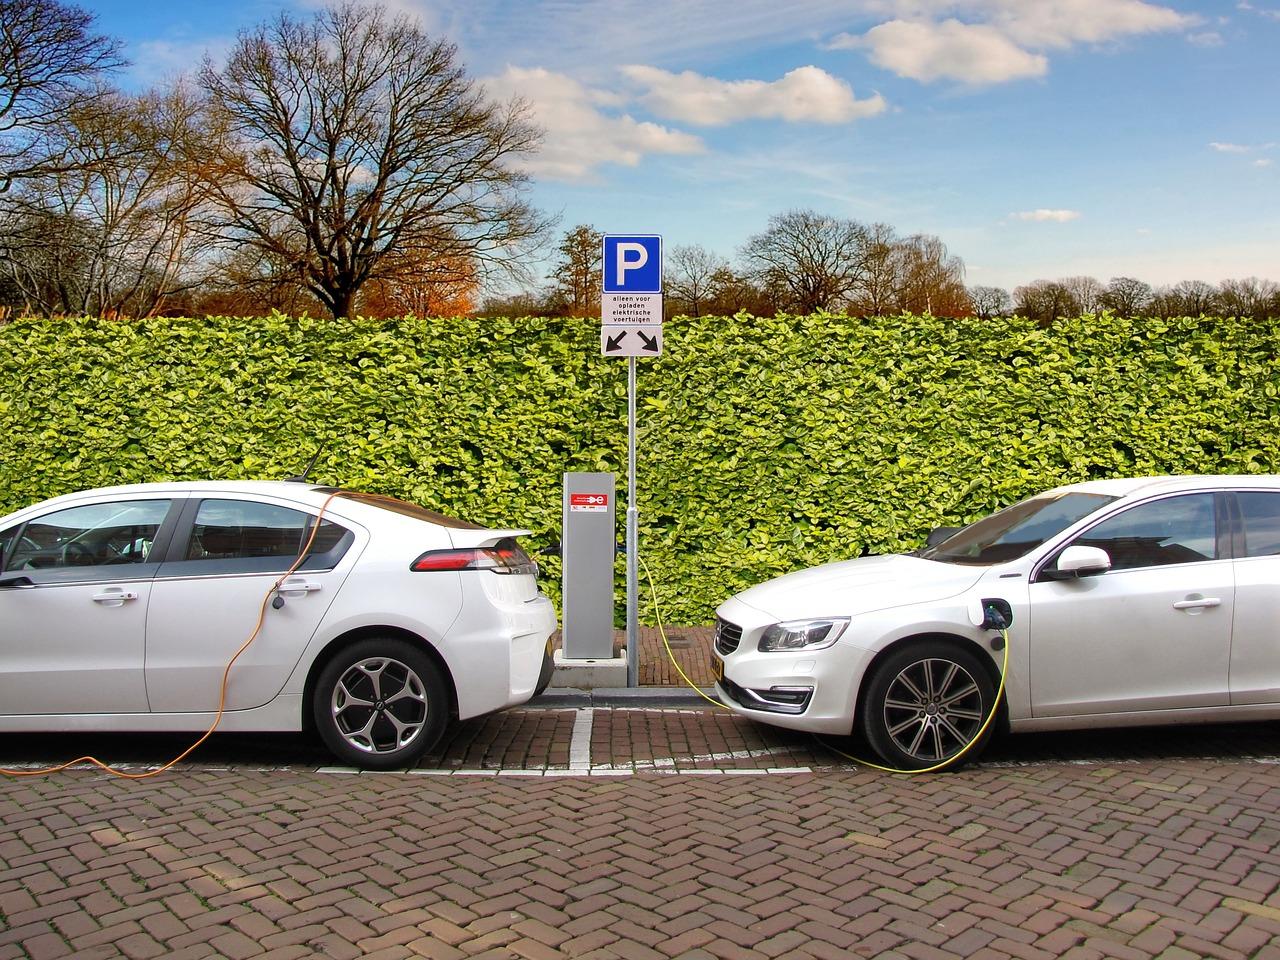 De fiscale voordelen van elektrisch rijden